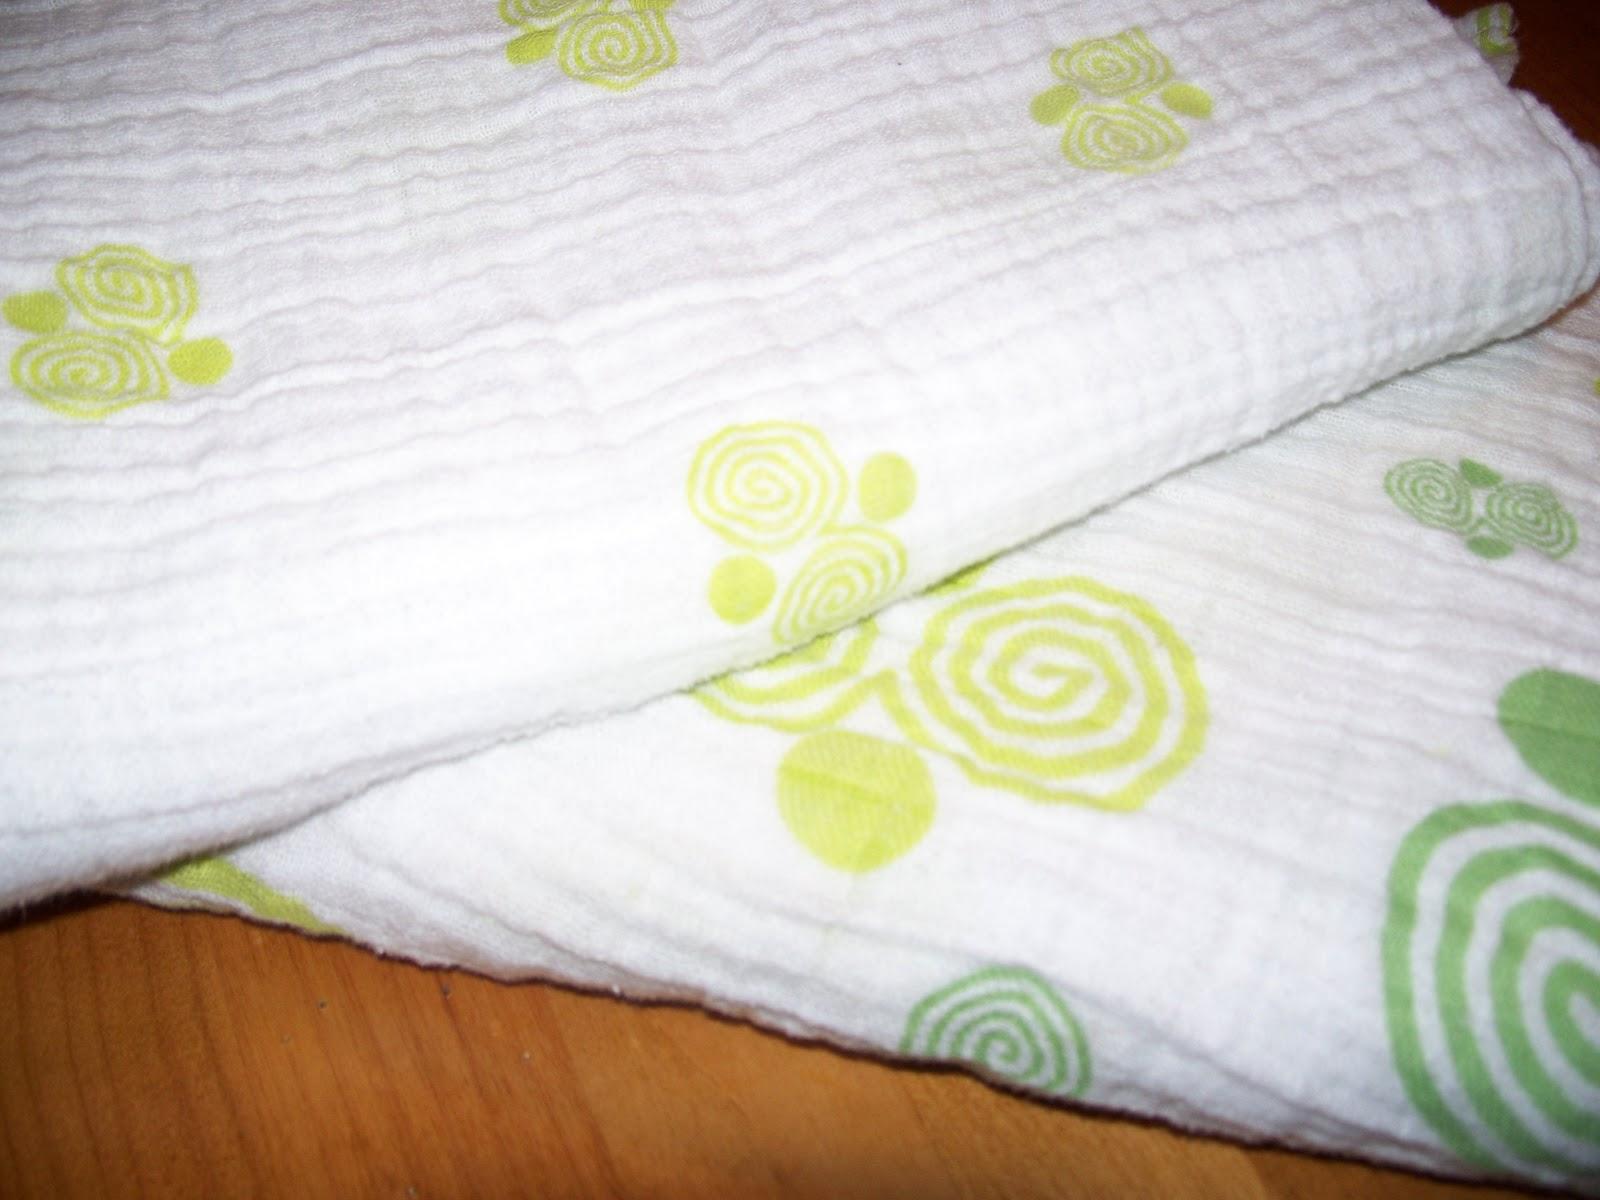 Cotton Muslin Blankets For Adults Bikini Babe